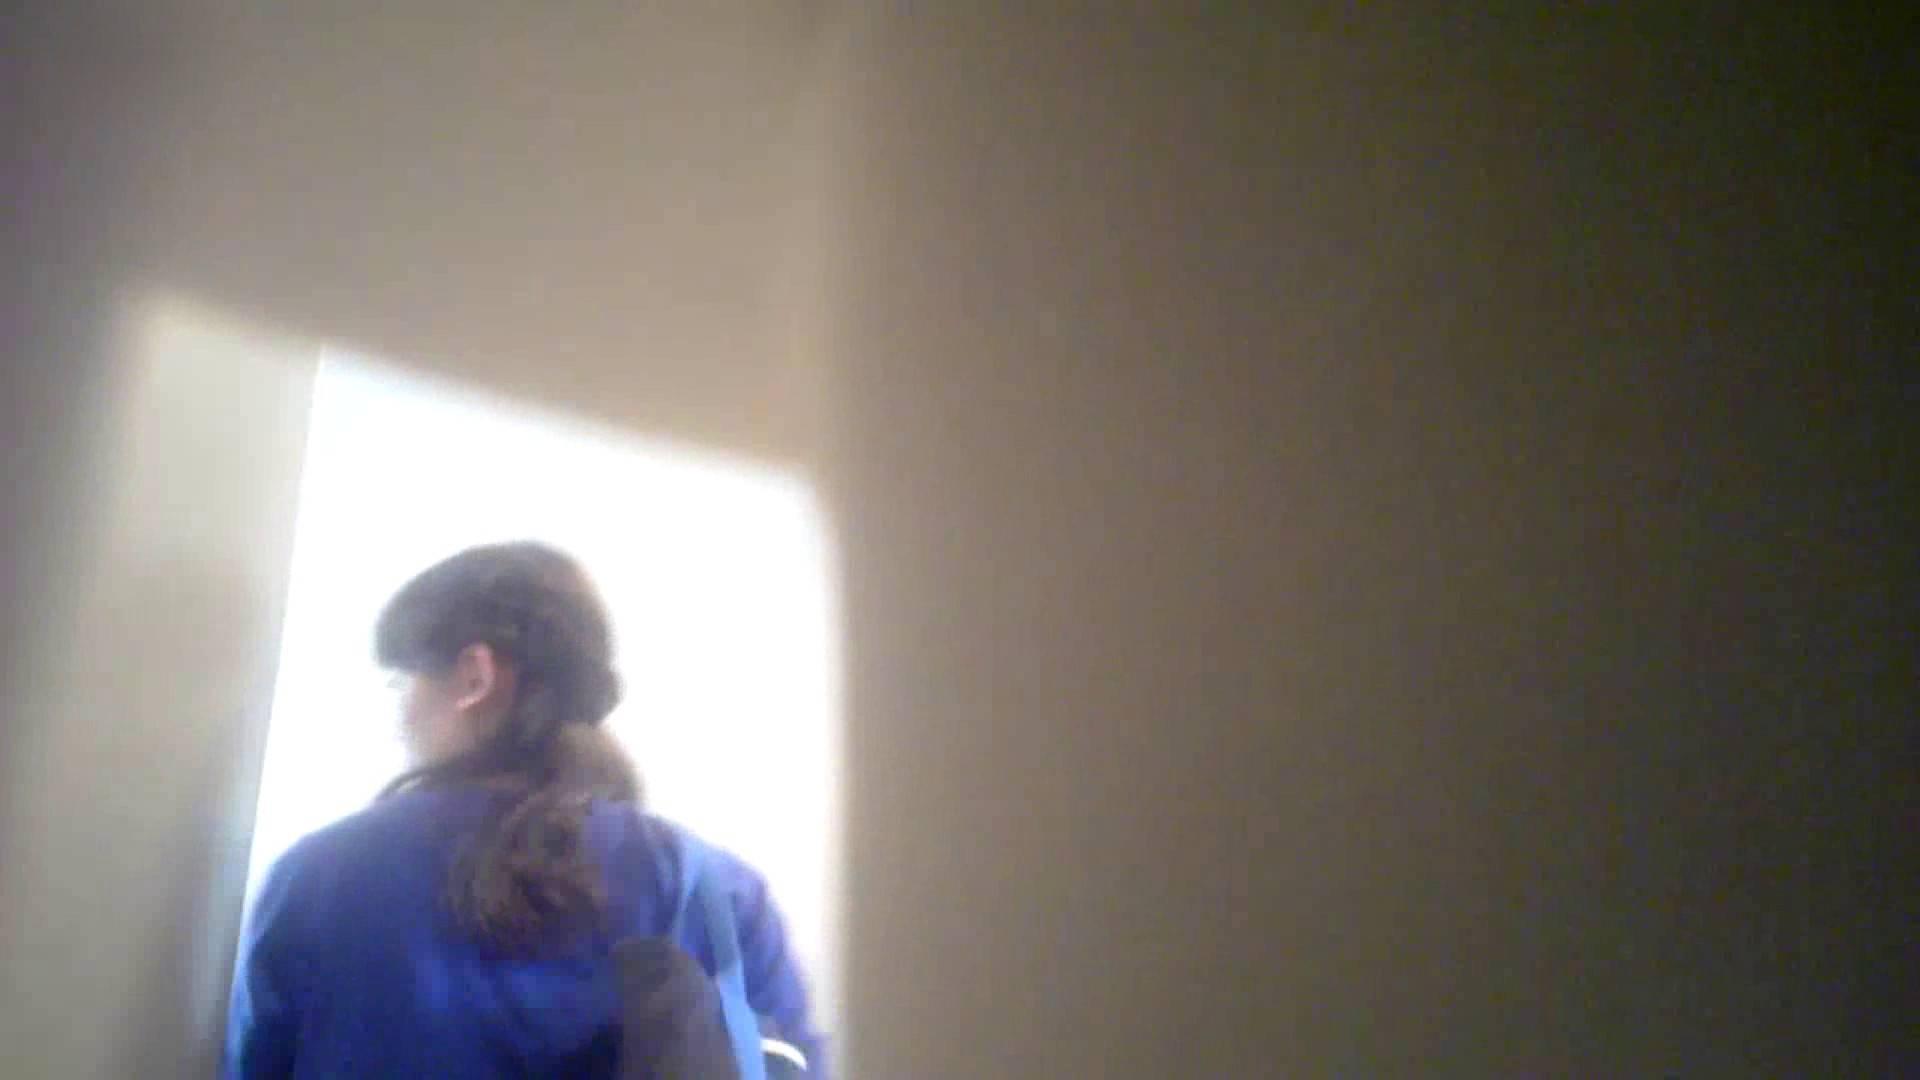 有名大学女性洗面所 vol.45 冴え渡る多方向撮影!職人技です。 潜入 エロ無料画像 88枚 27